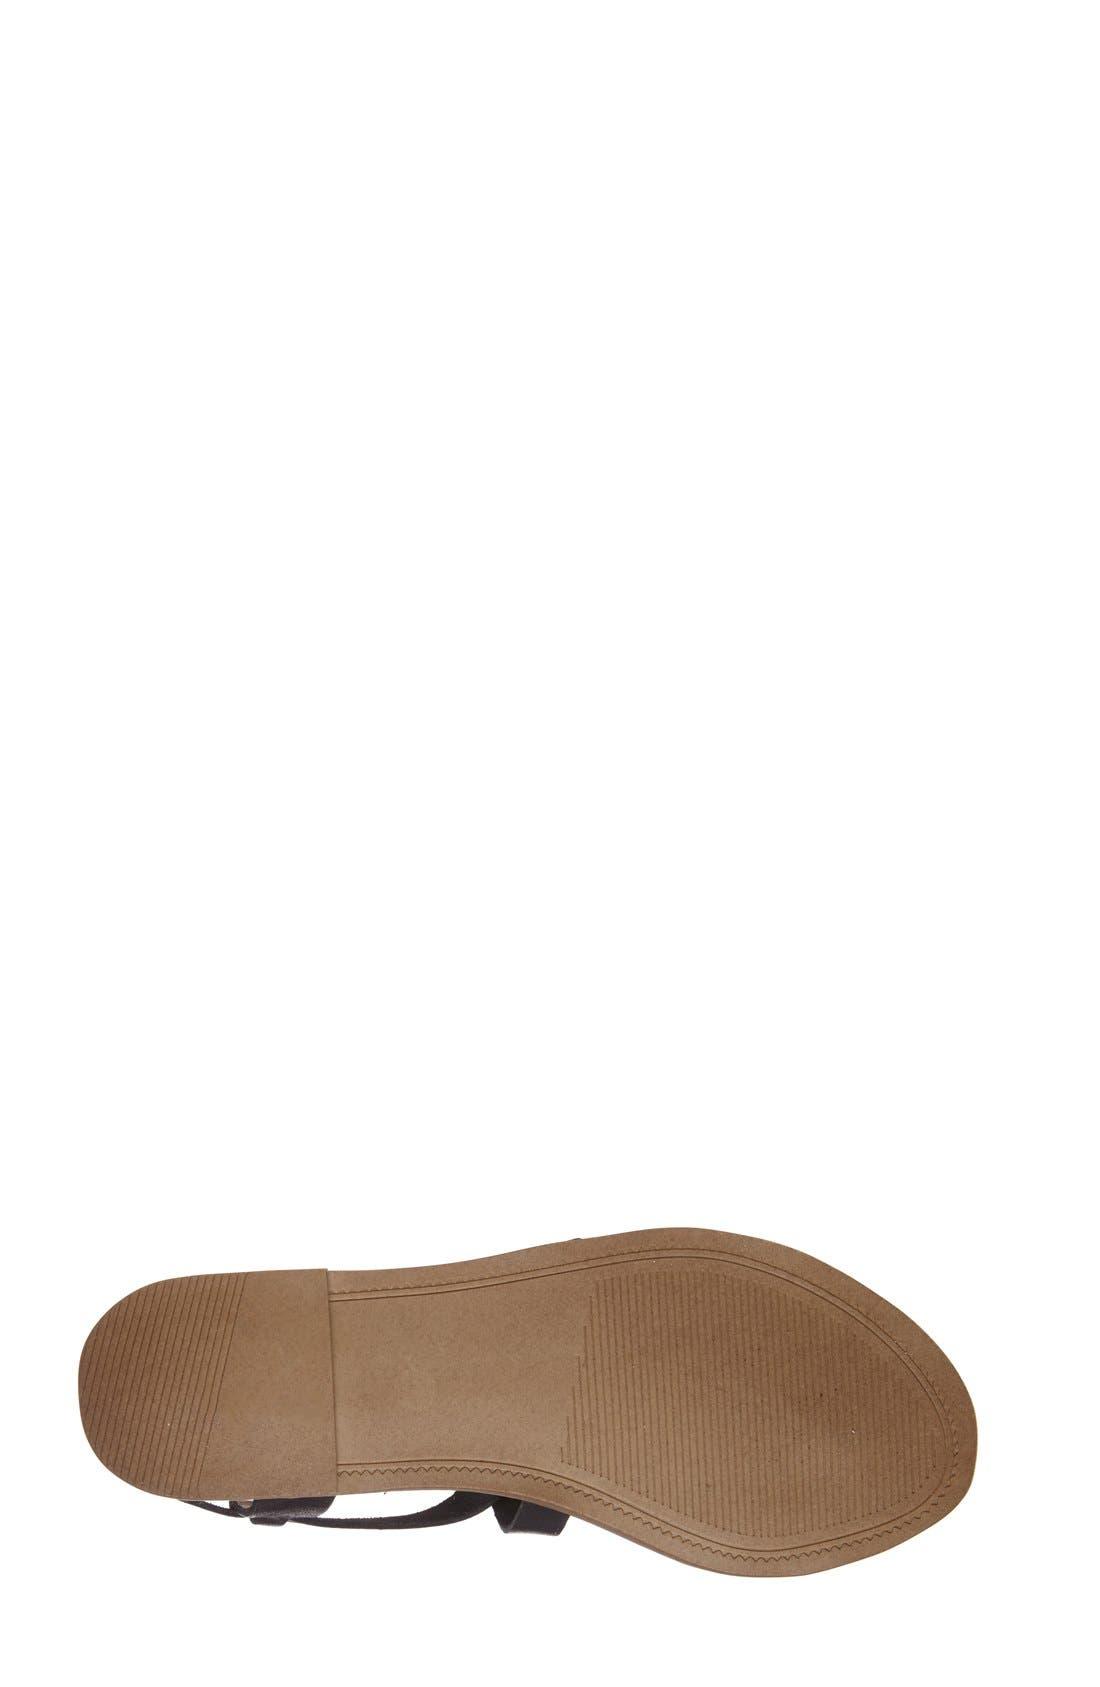 Alternate Image 4  - Steve Madden 'Agathist' Leather Ankle Strap Sandal (Women)